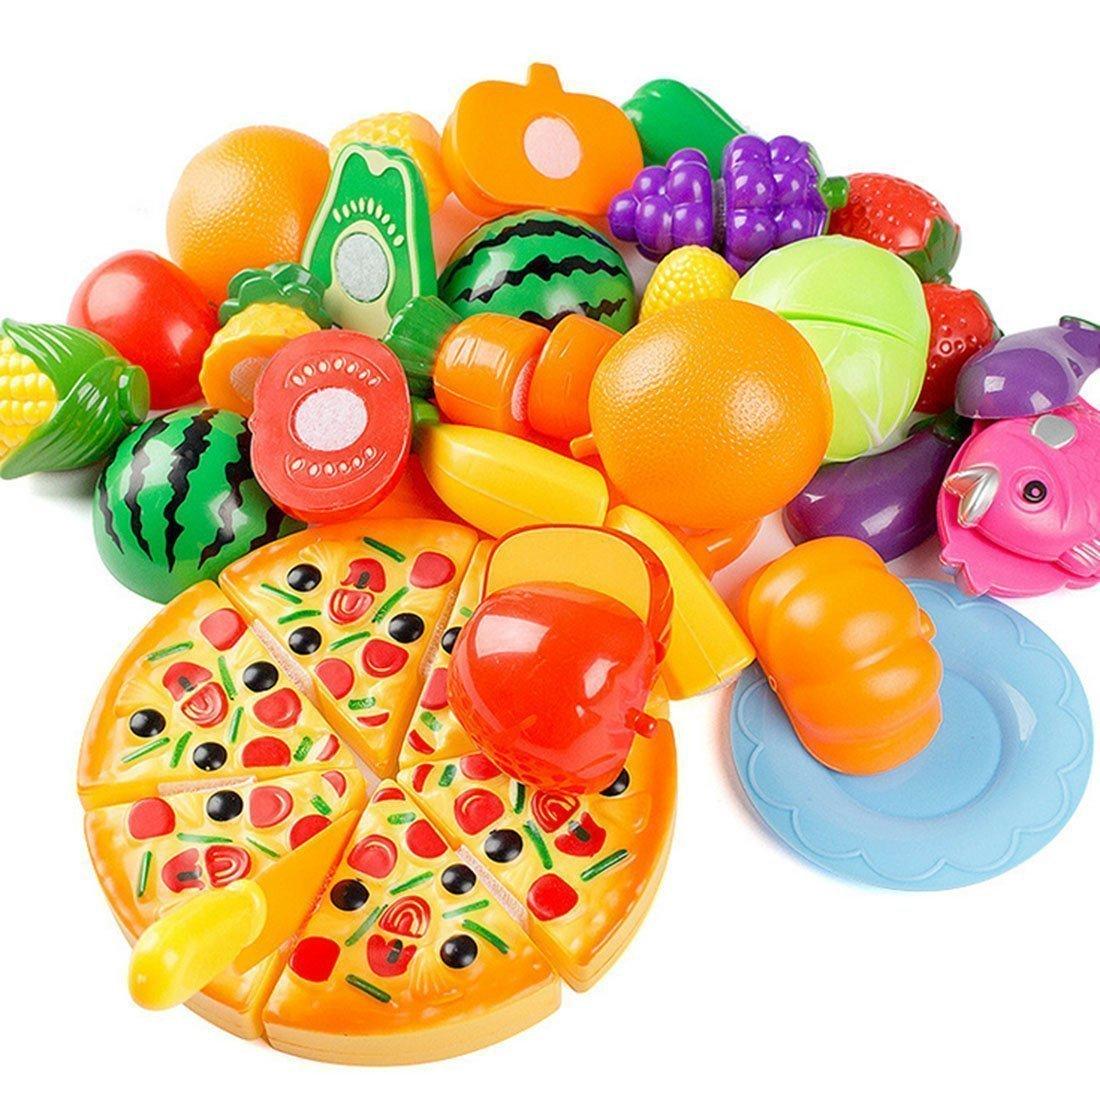 Finer Shop 24pcs Plastikfrucht-Gemüse-Küche Cutting Toy Pretend Play Kinder-Rollenspiele Küchenspielzeug